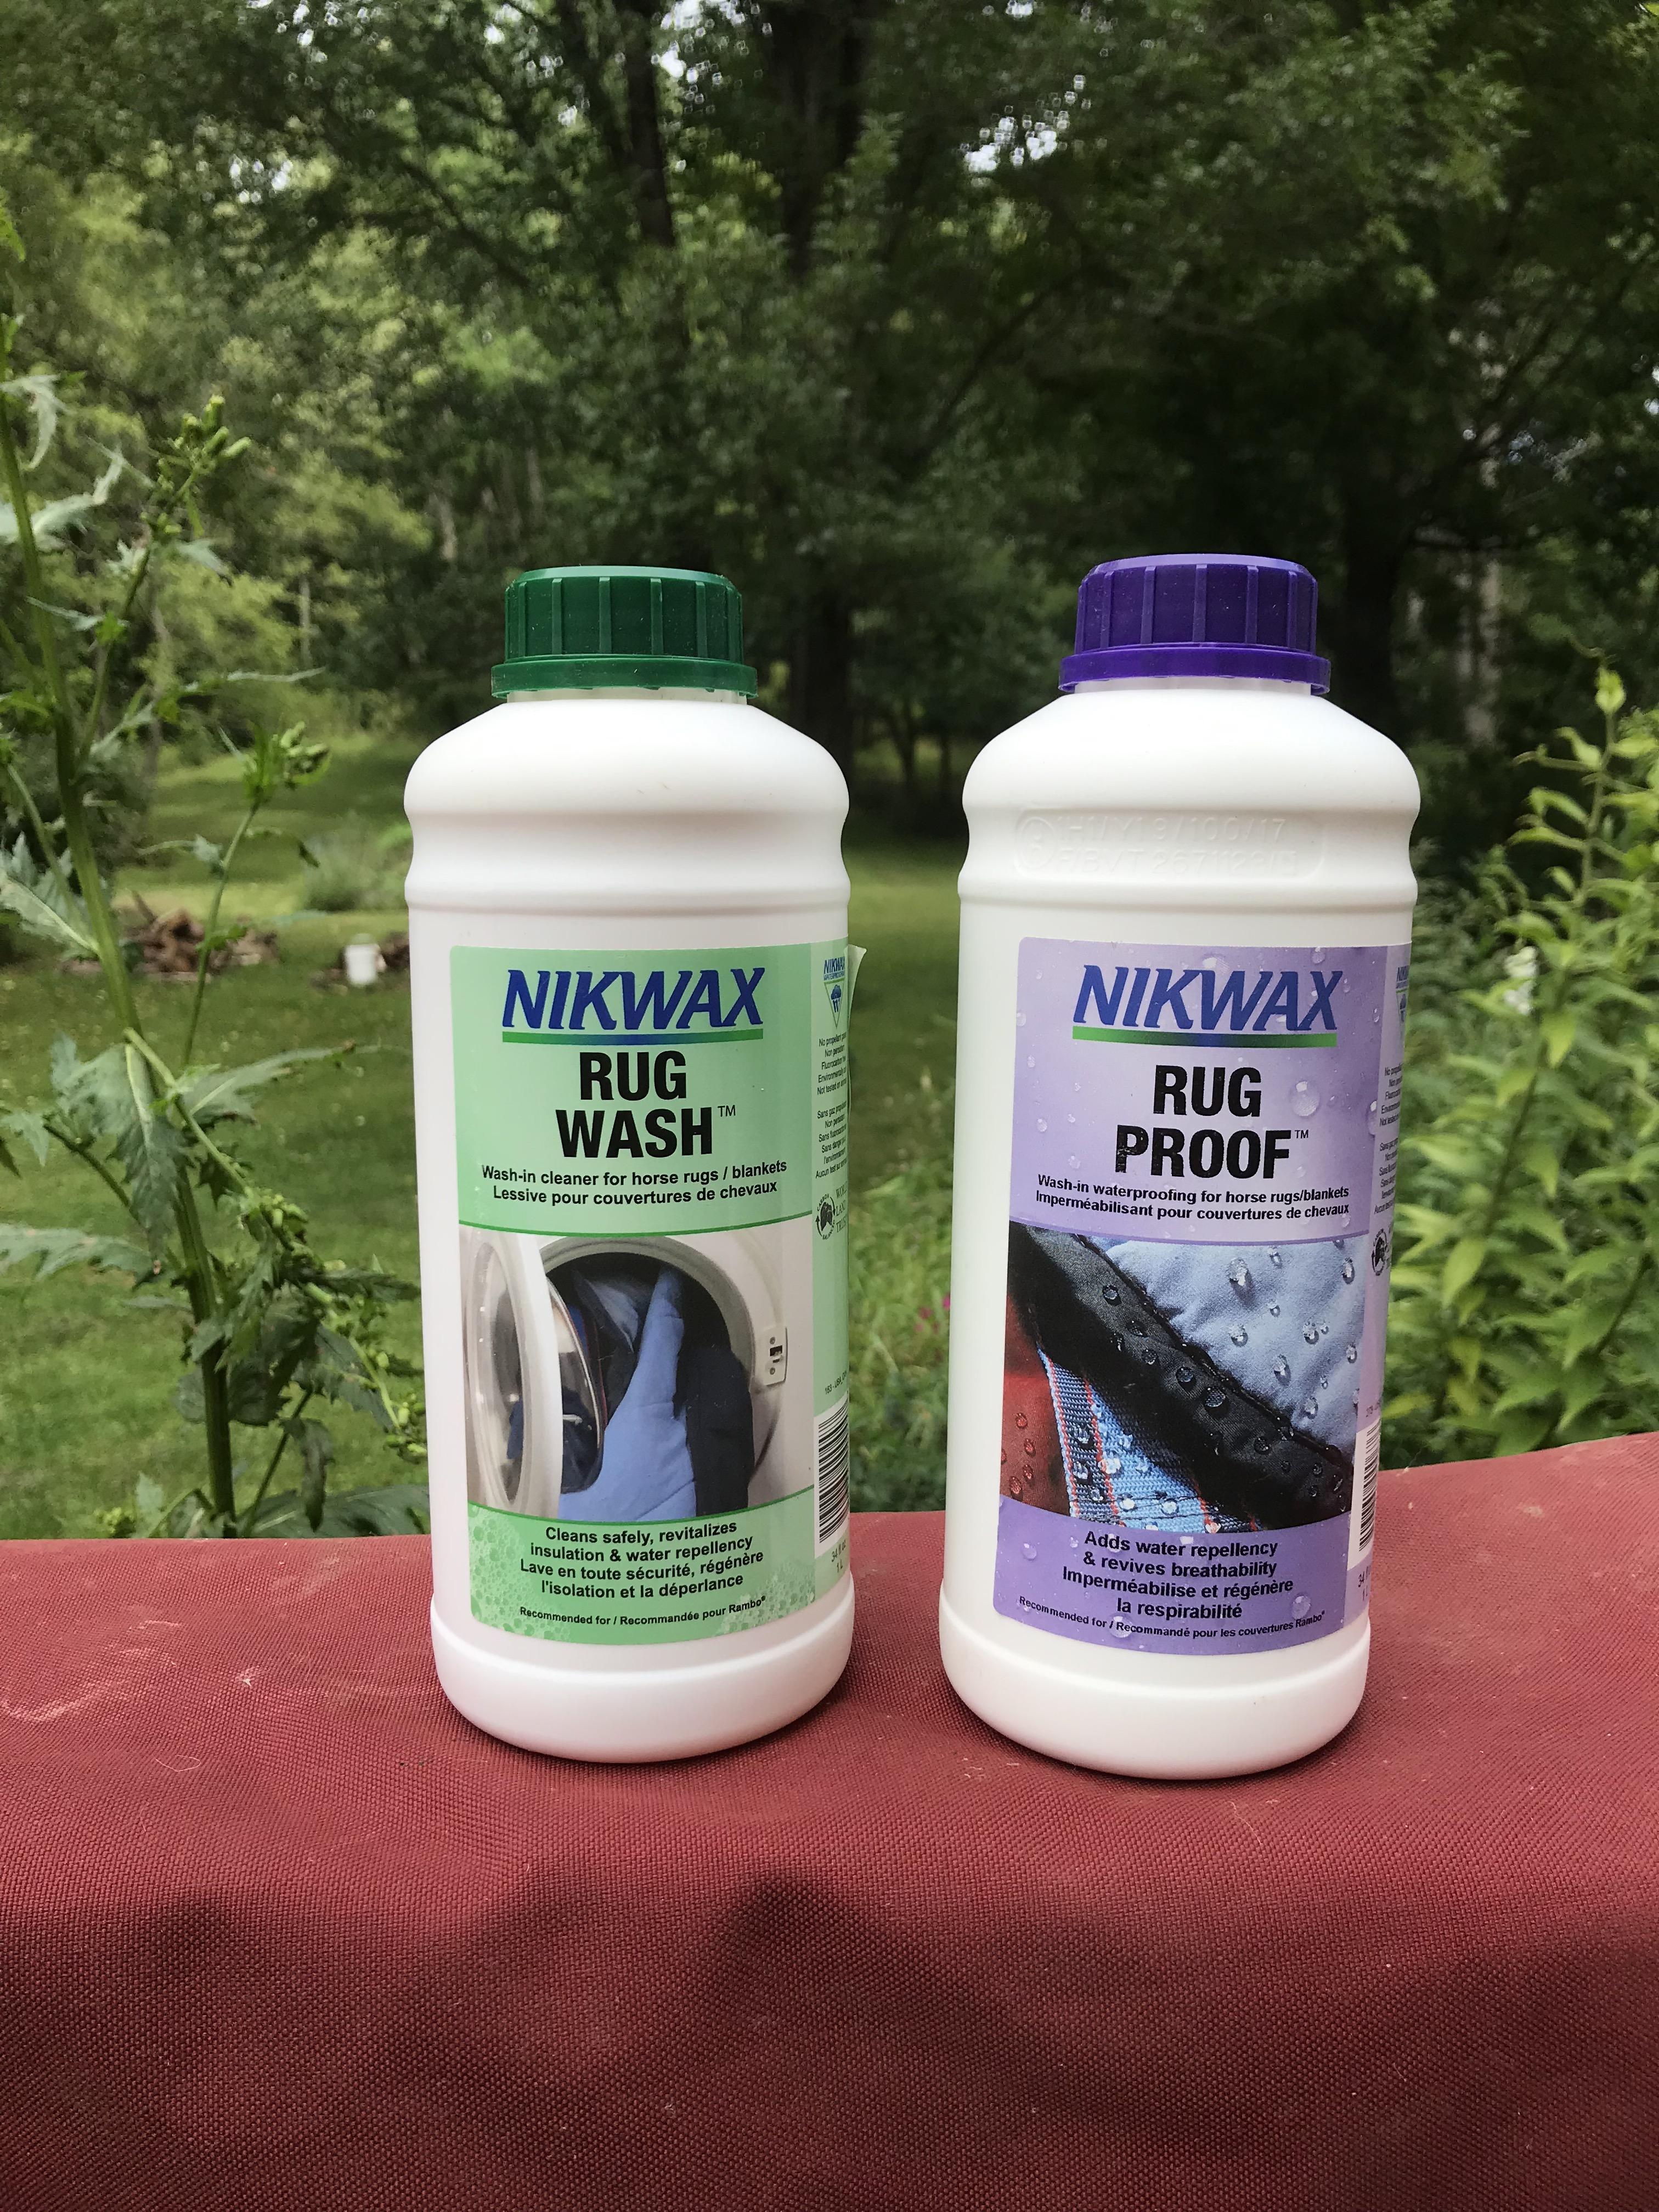 Nikwax Rug Wash & Rug Proof